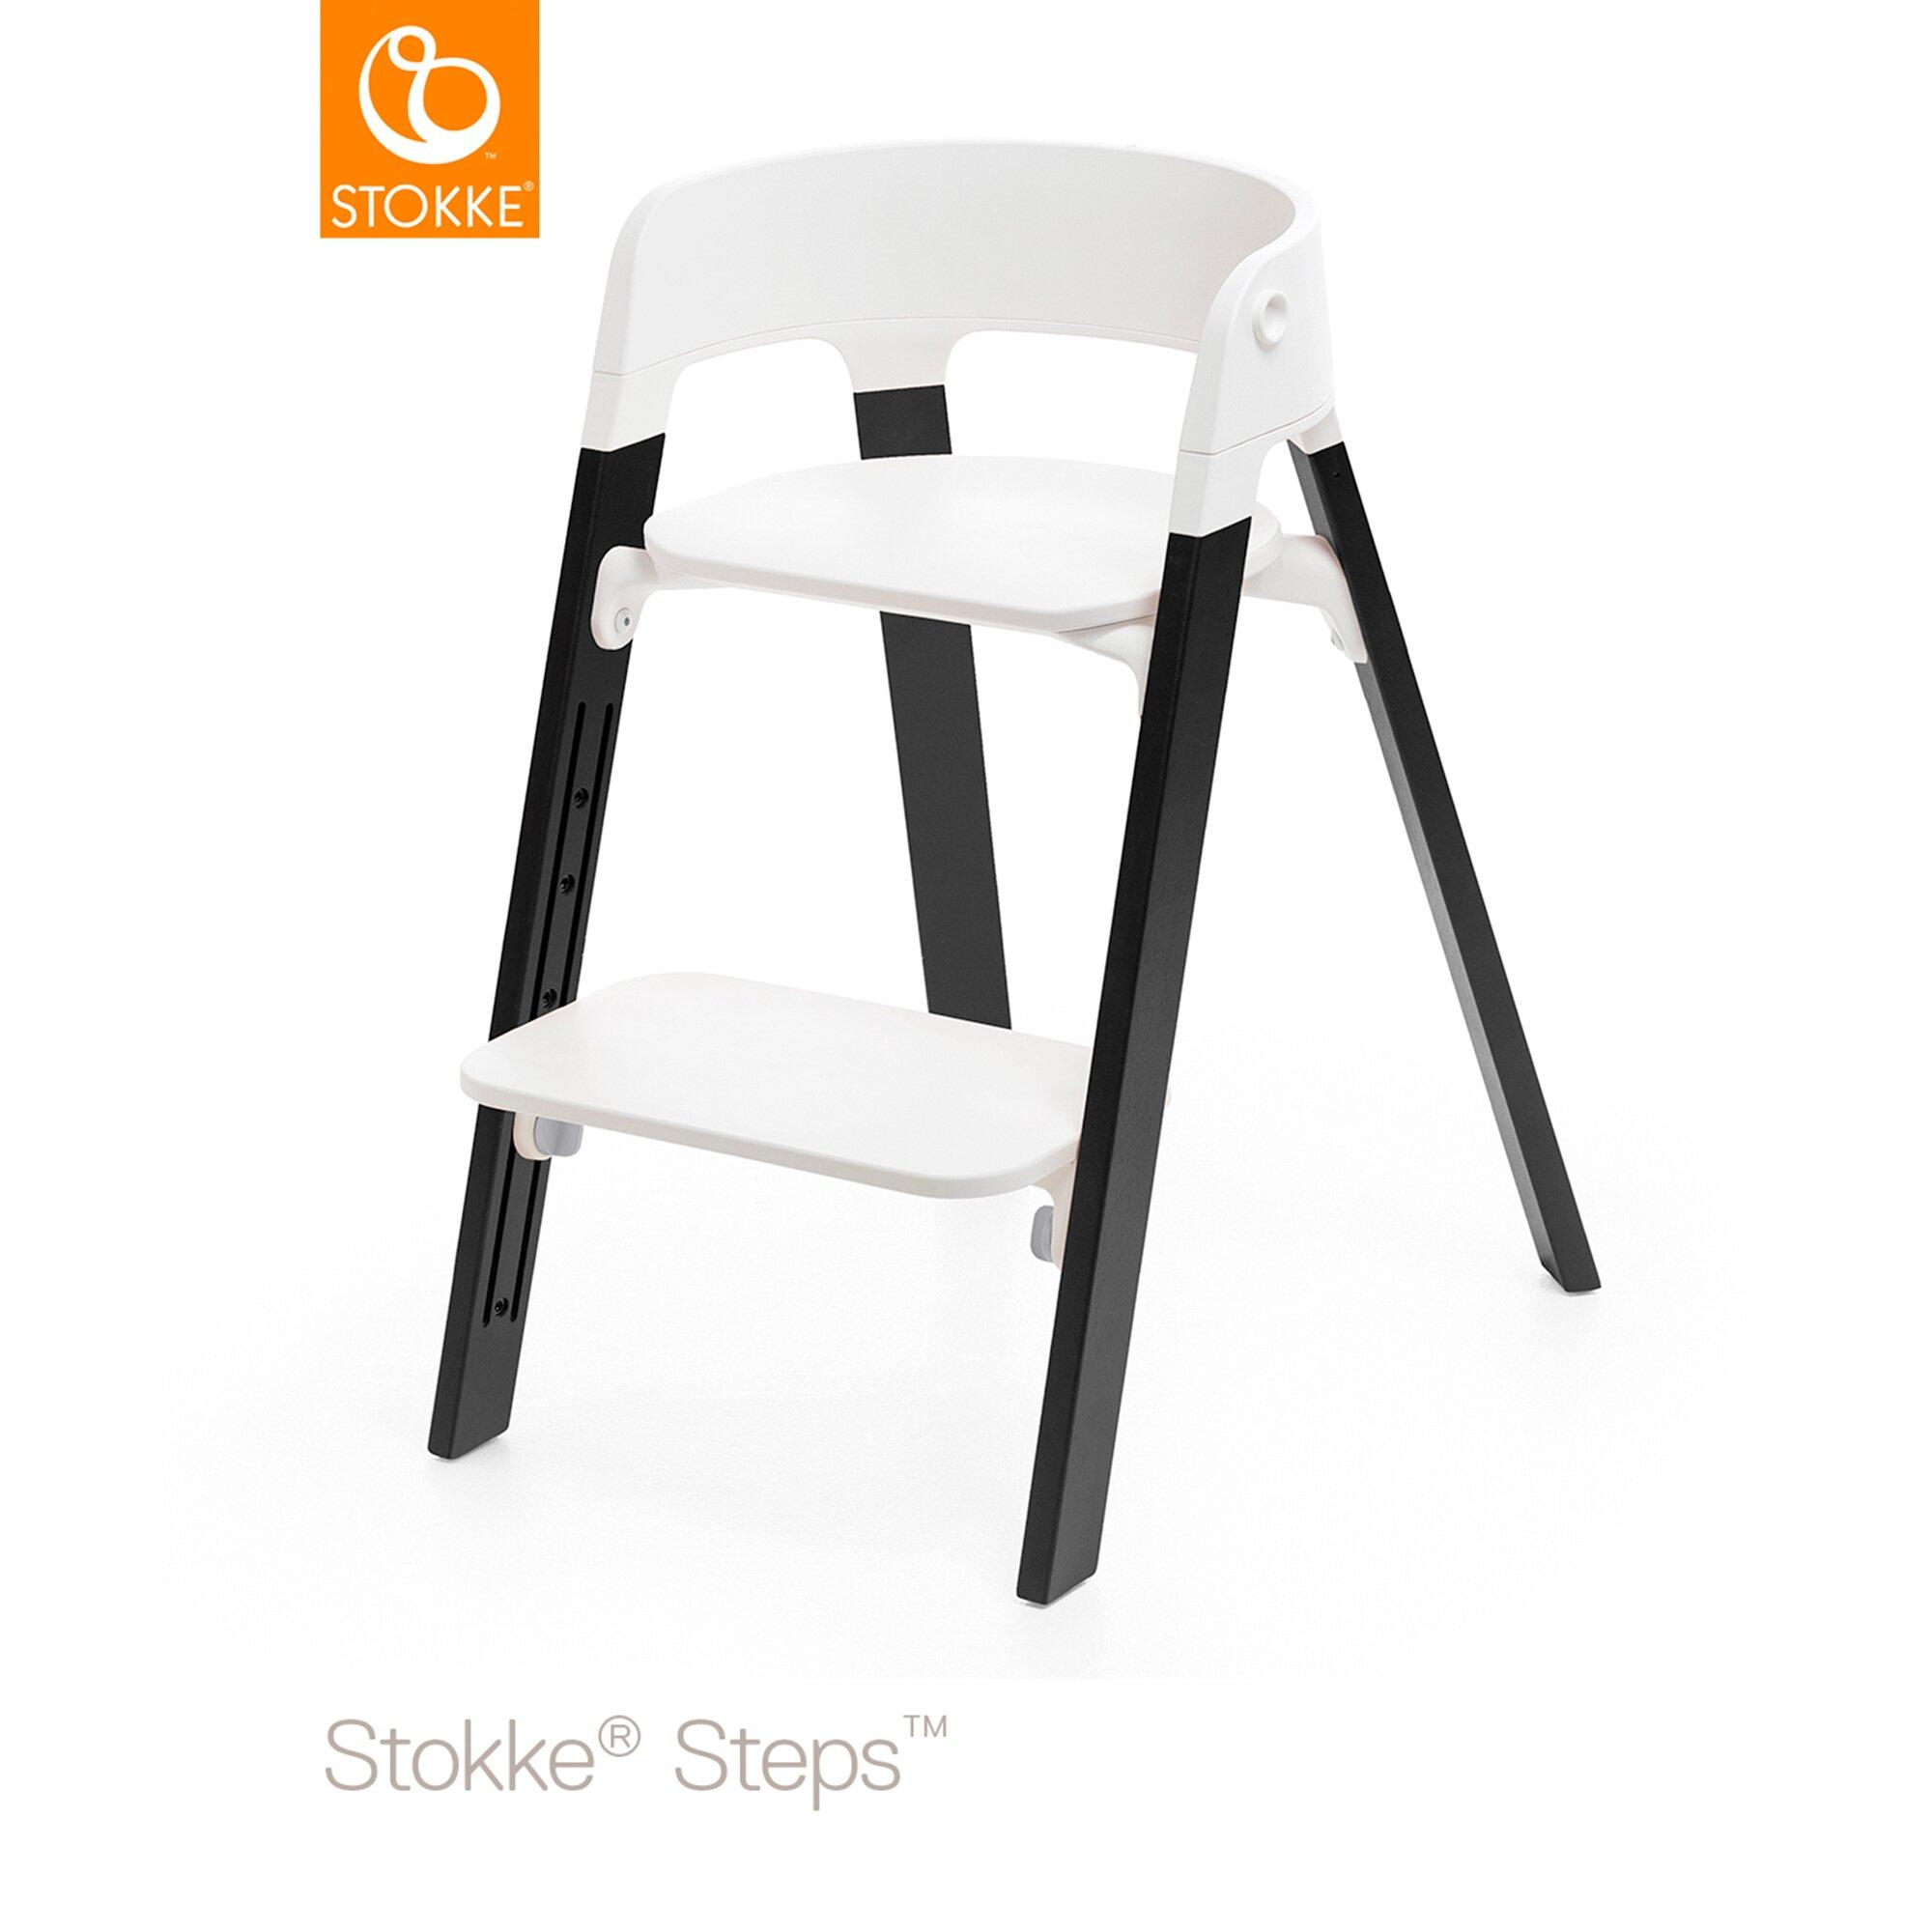 steps-stokke-steps-beine-eiche-schwarz